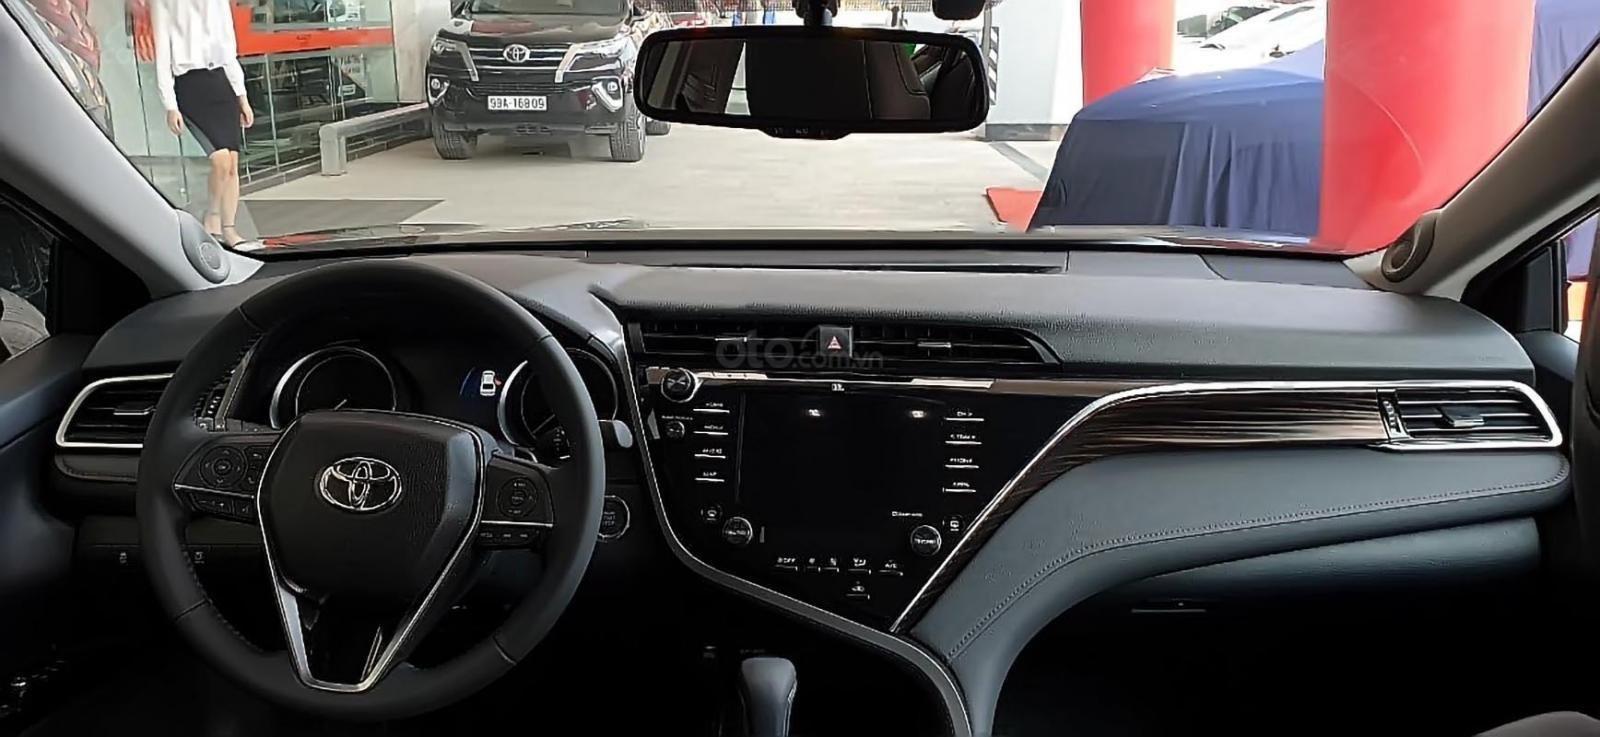 Bán Toyota Camry 2.5Q đời 2019, màu đen, nhập khẩu Thái Lan-2